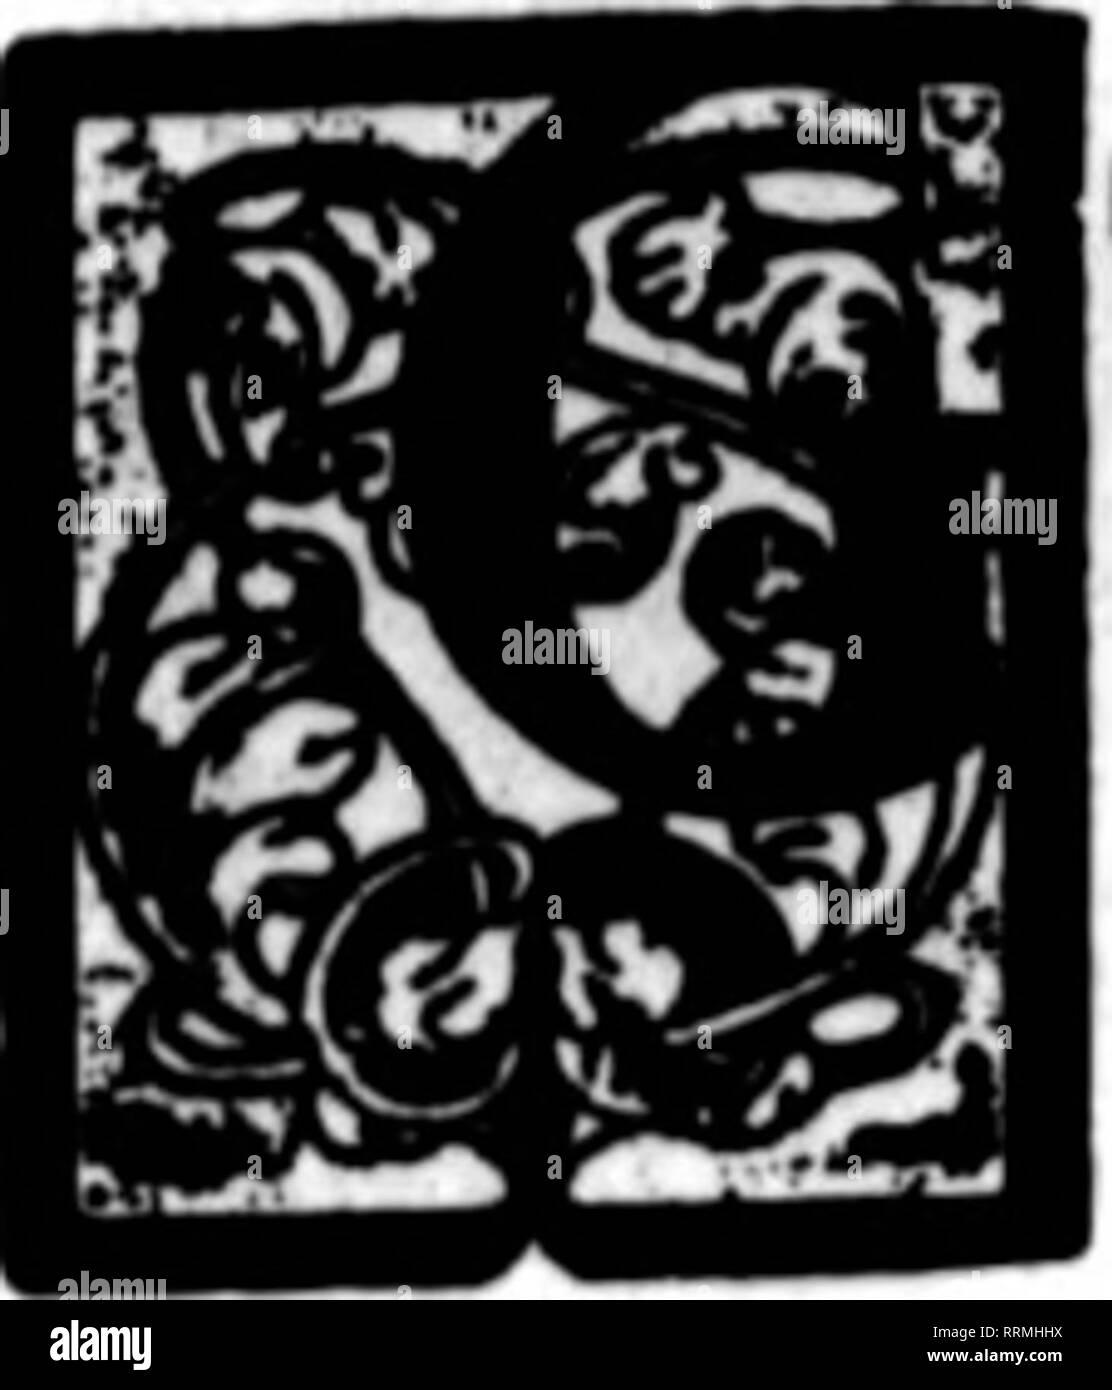 261d8109c5c Florists' review [microform]. Floriculture. August 7, 1919. The ...